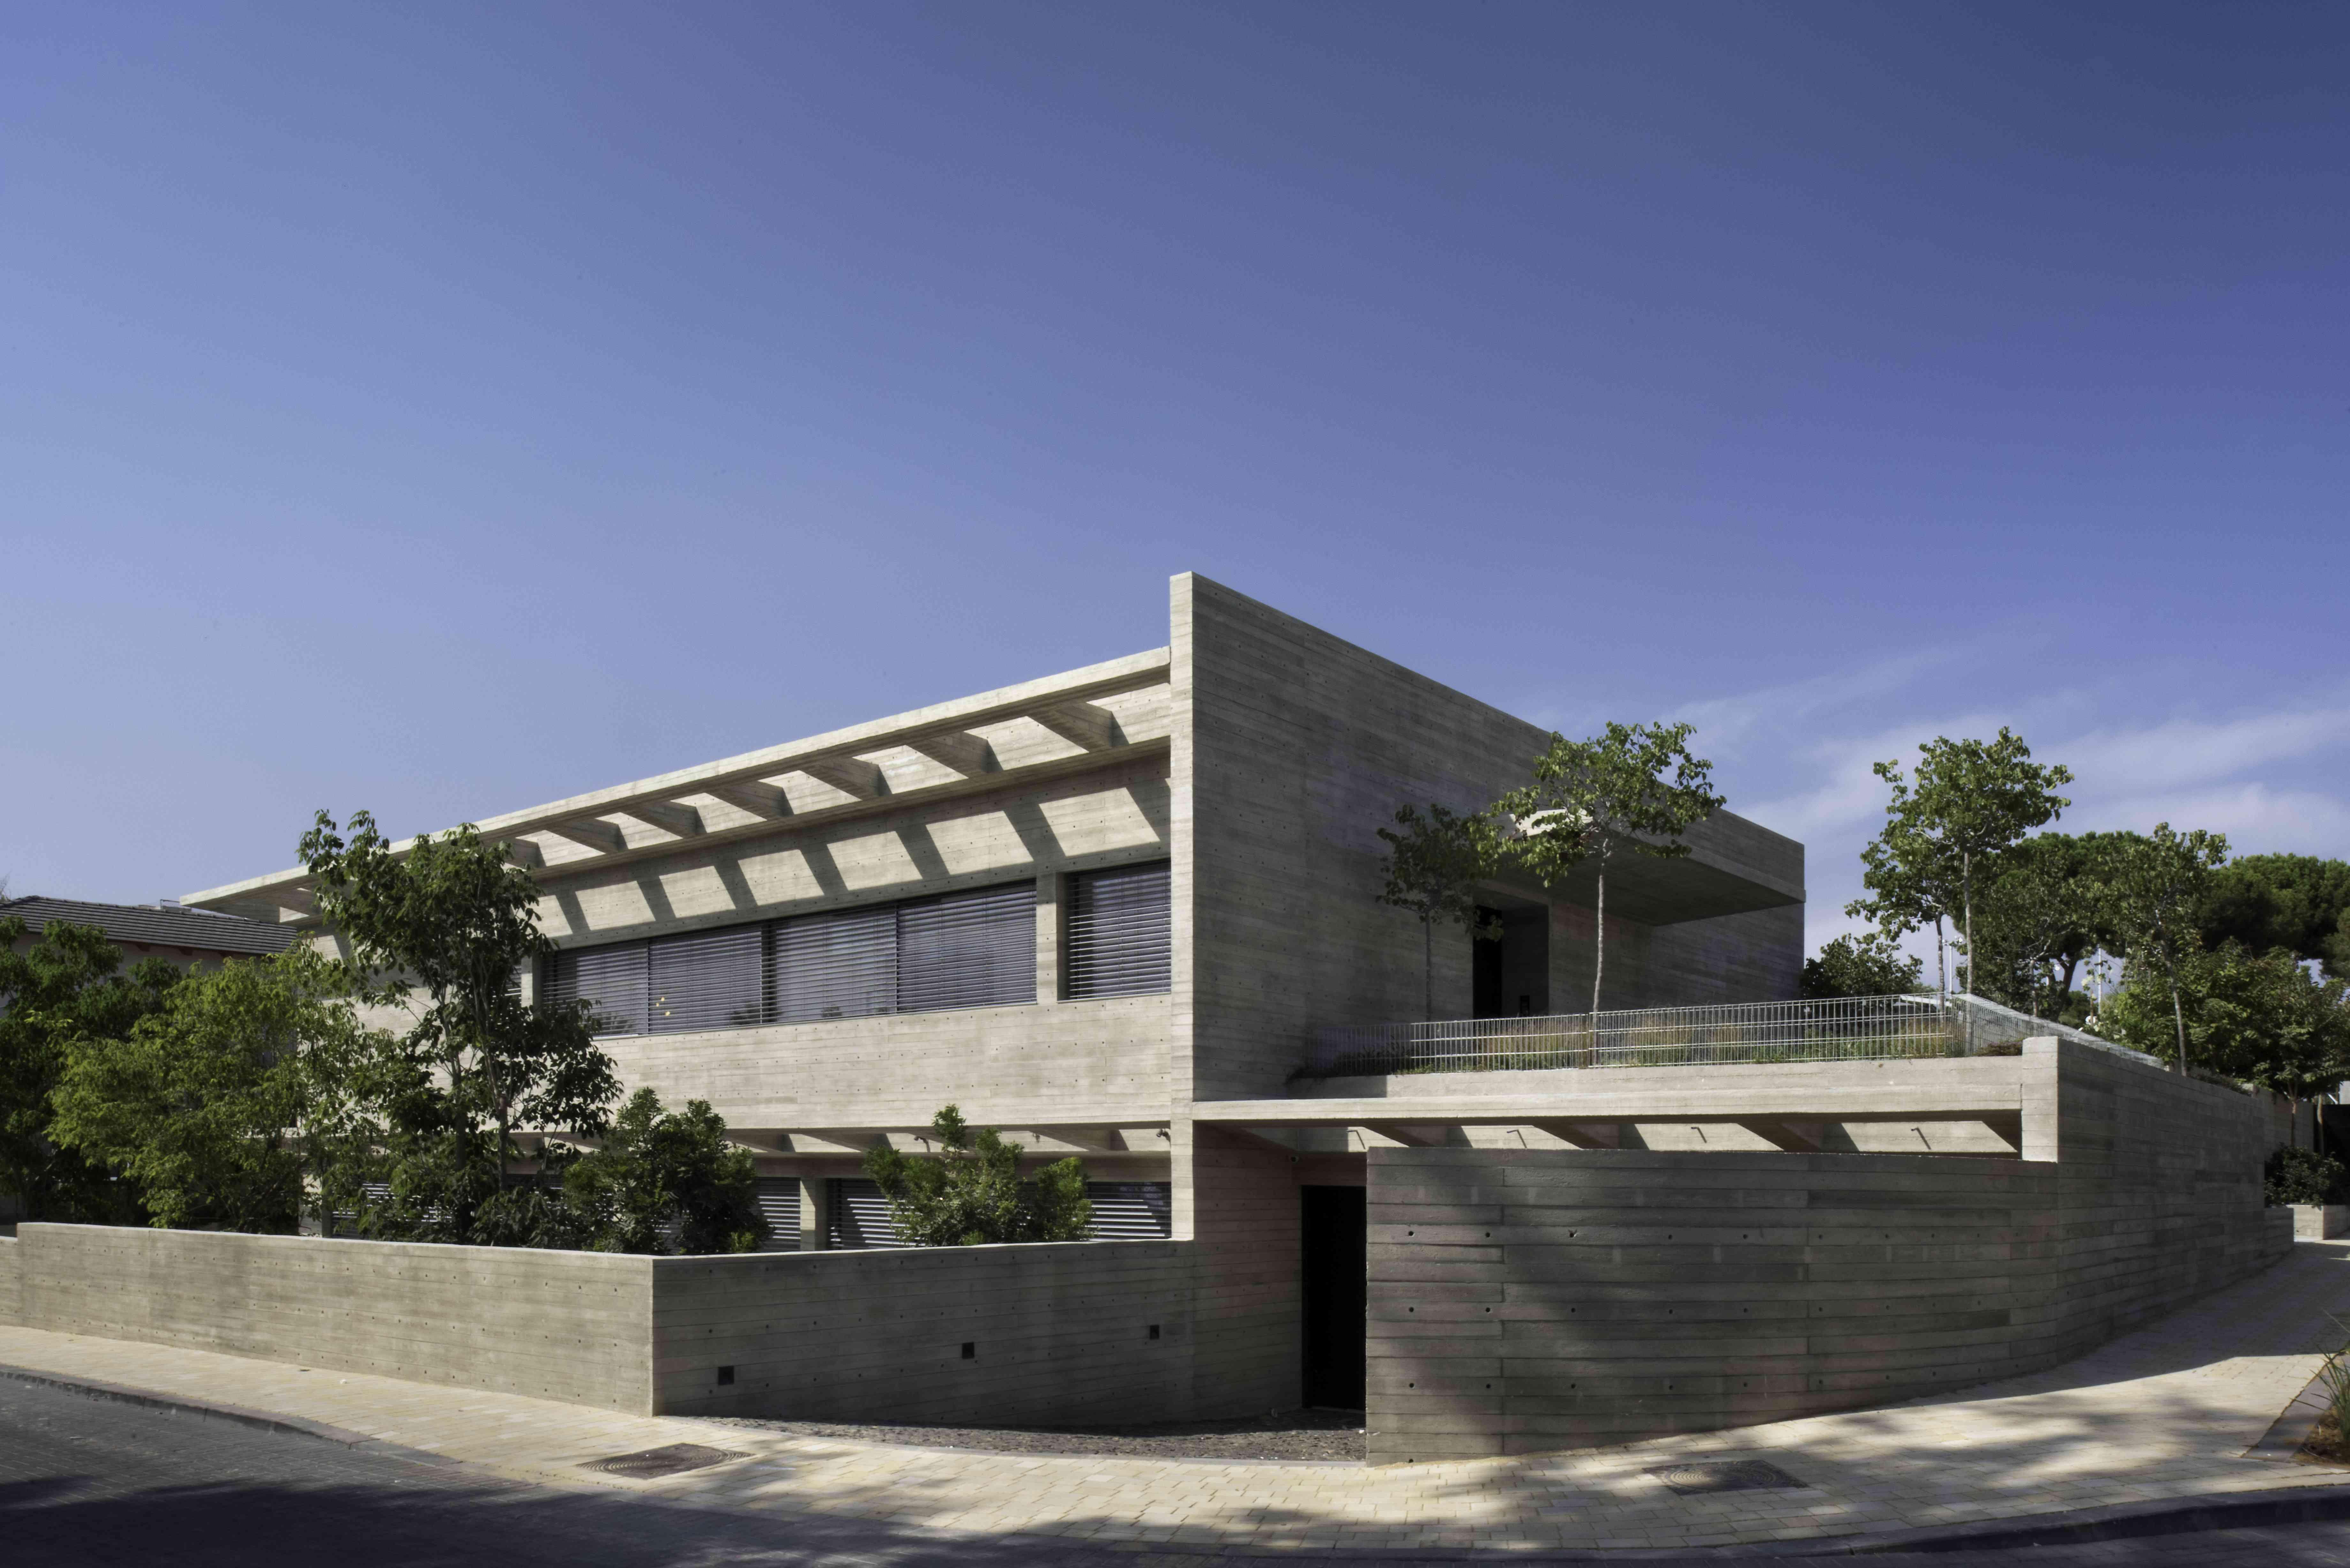 casa moderna hecha de concreto